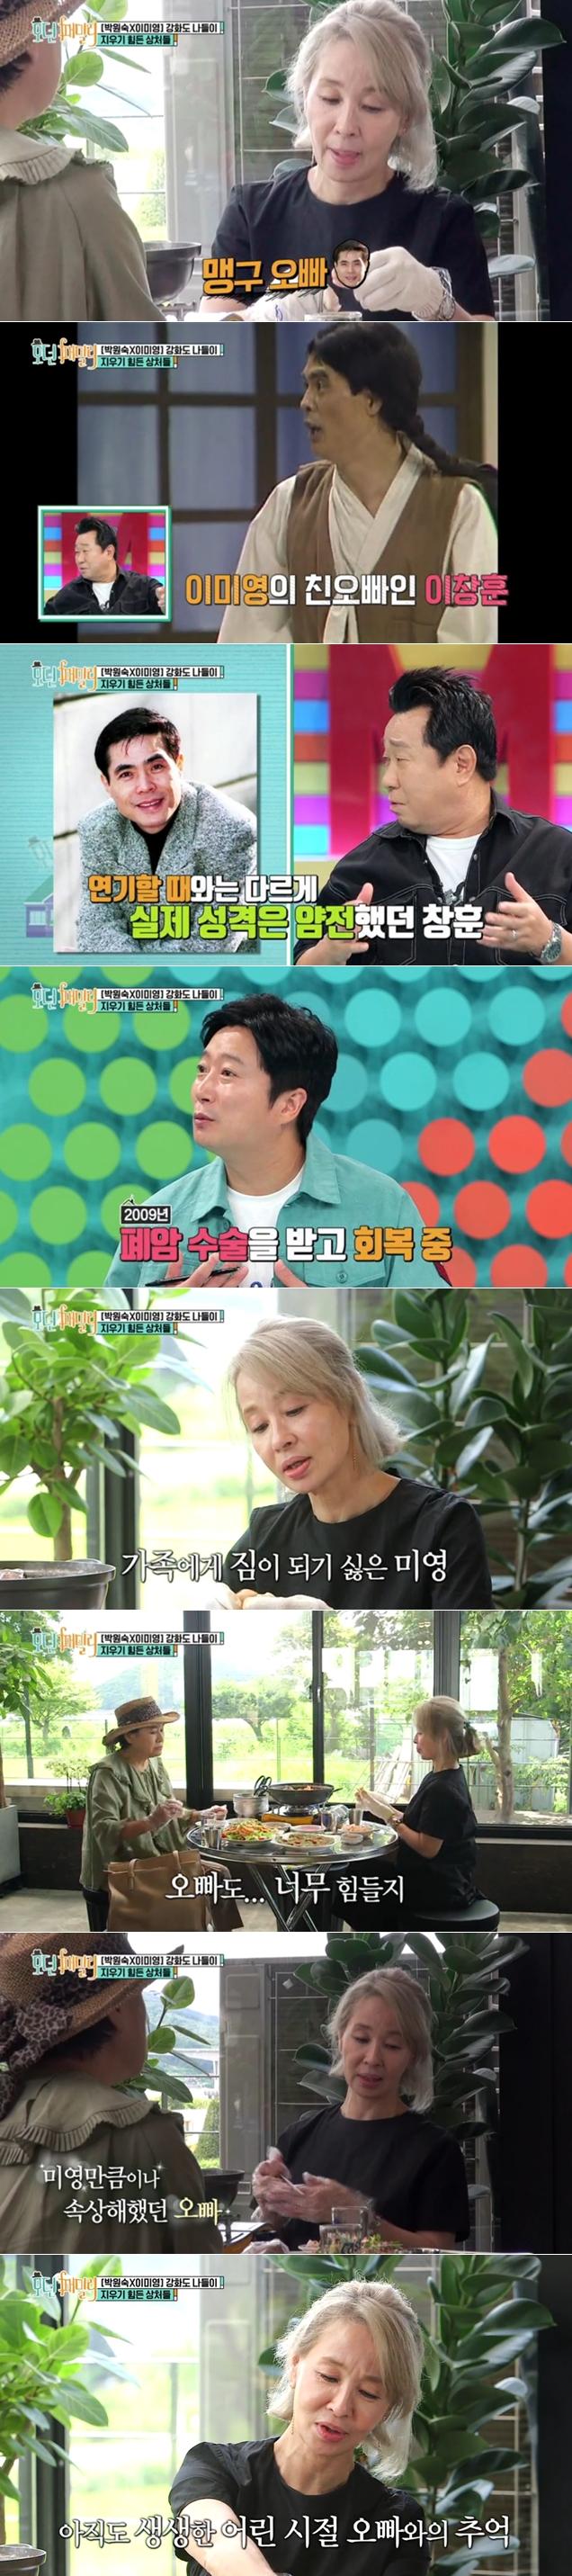 """이미영 친오빠 \'맹구\' 이창훈 근황 """"폐암 회복→연극·봉사"""""""